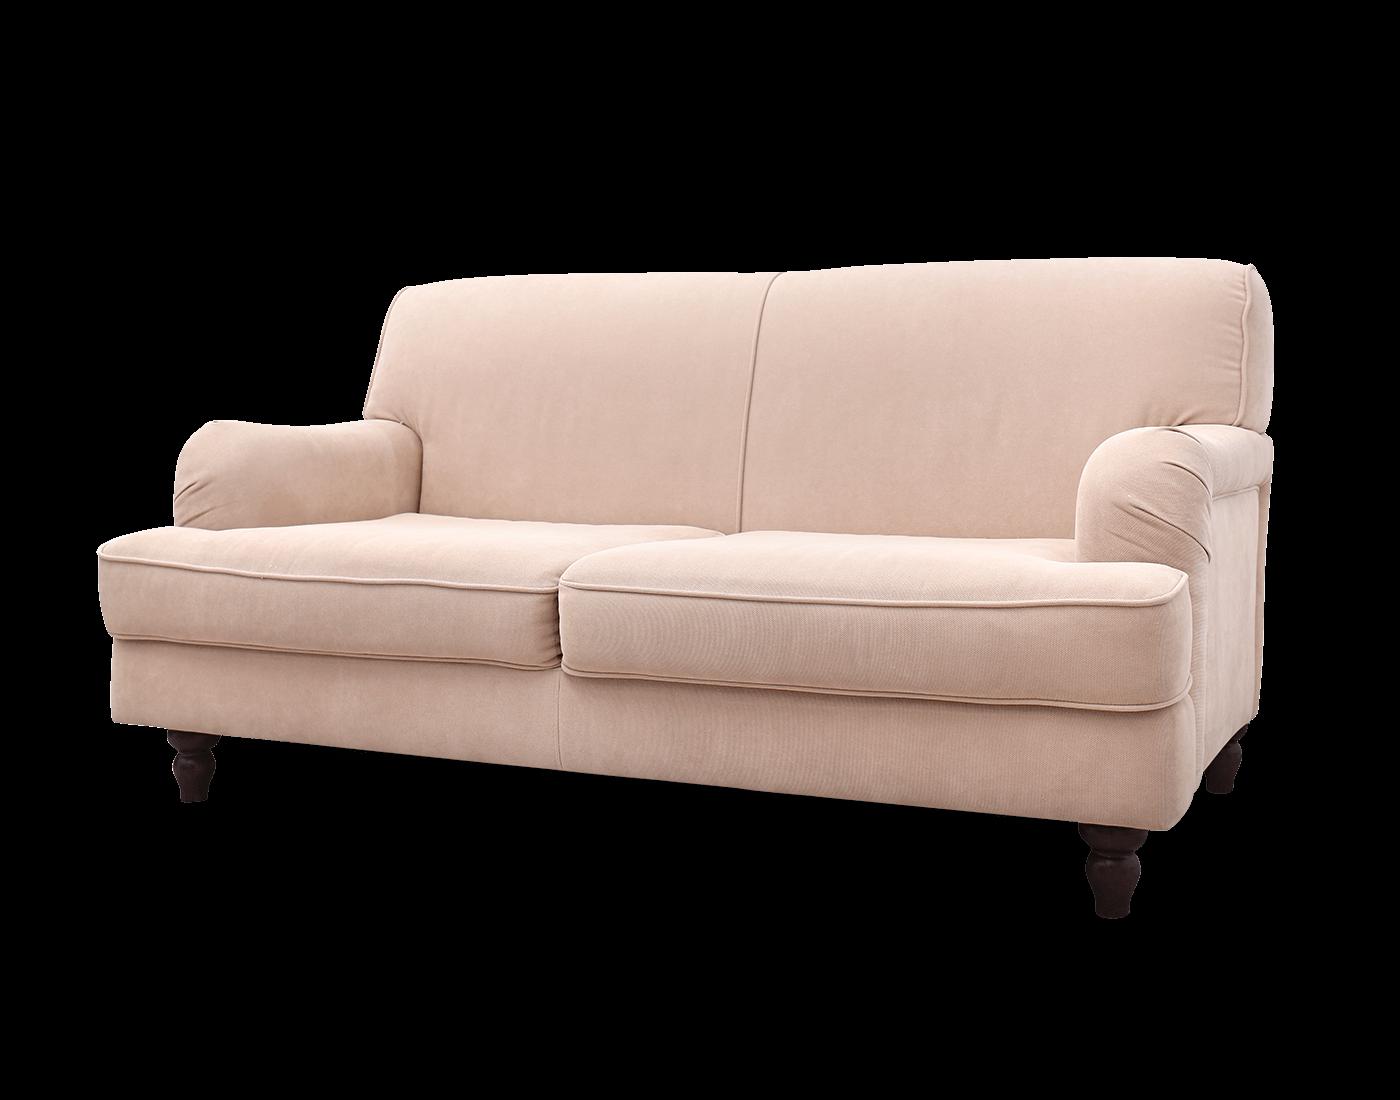 Divano bormio poltrone e sofa poltrona letto poltronesofa for Divani low cost